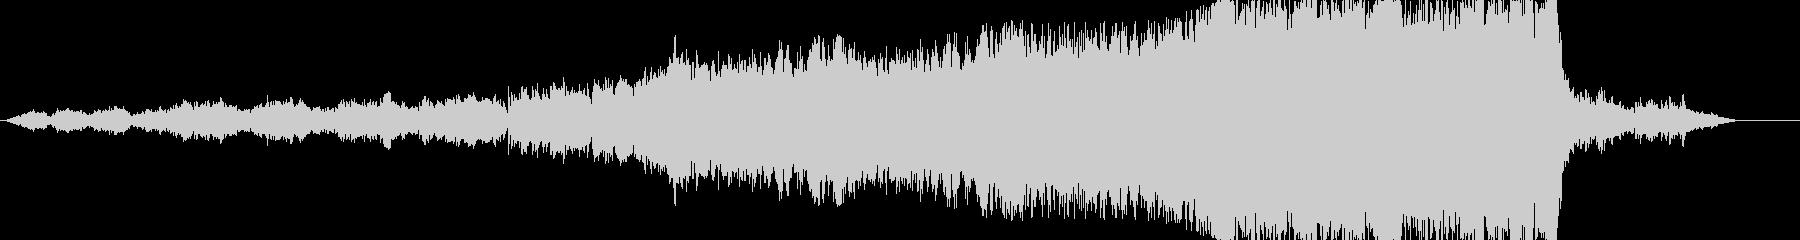 【オーケストラ】OPや感動シーンなどの曲の未再生の波形